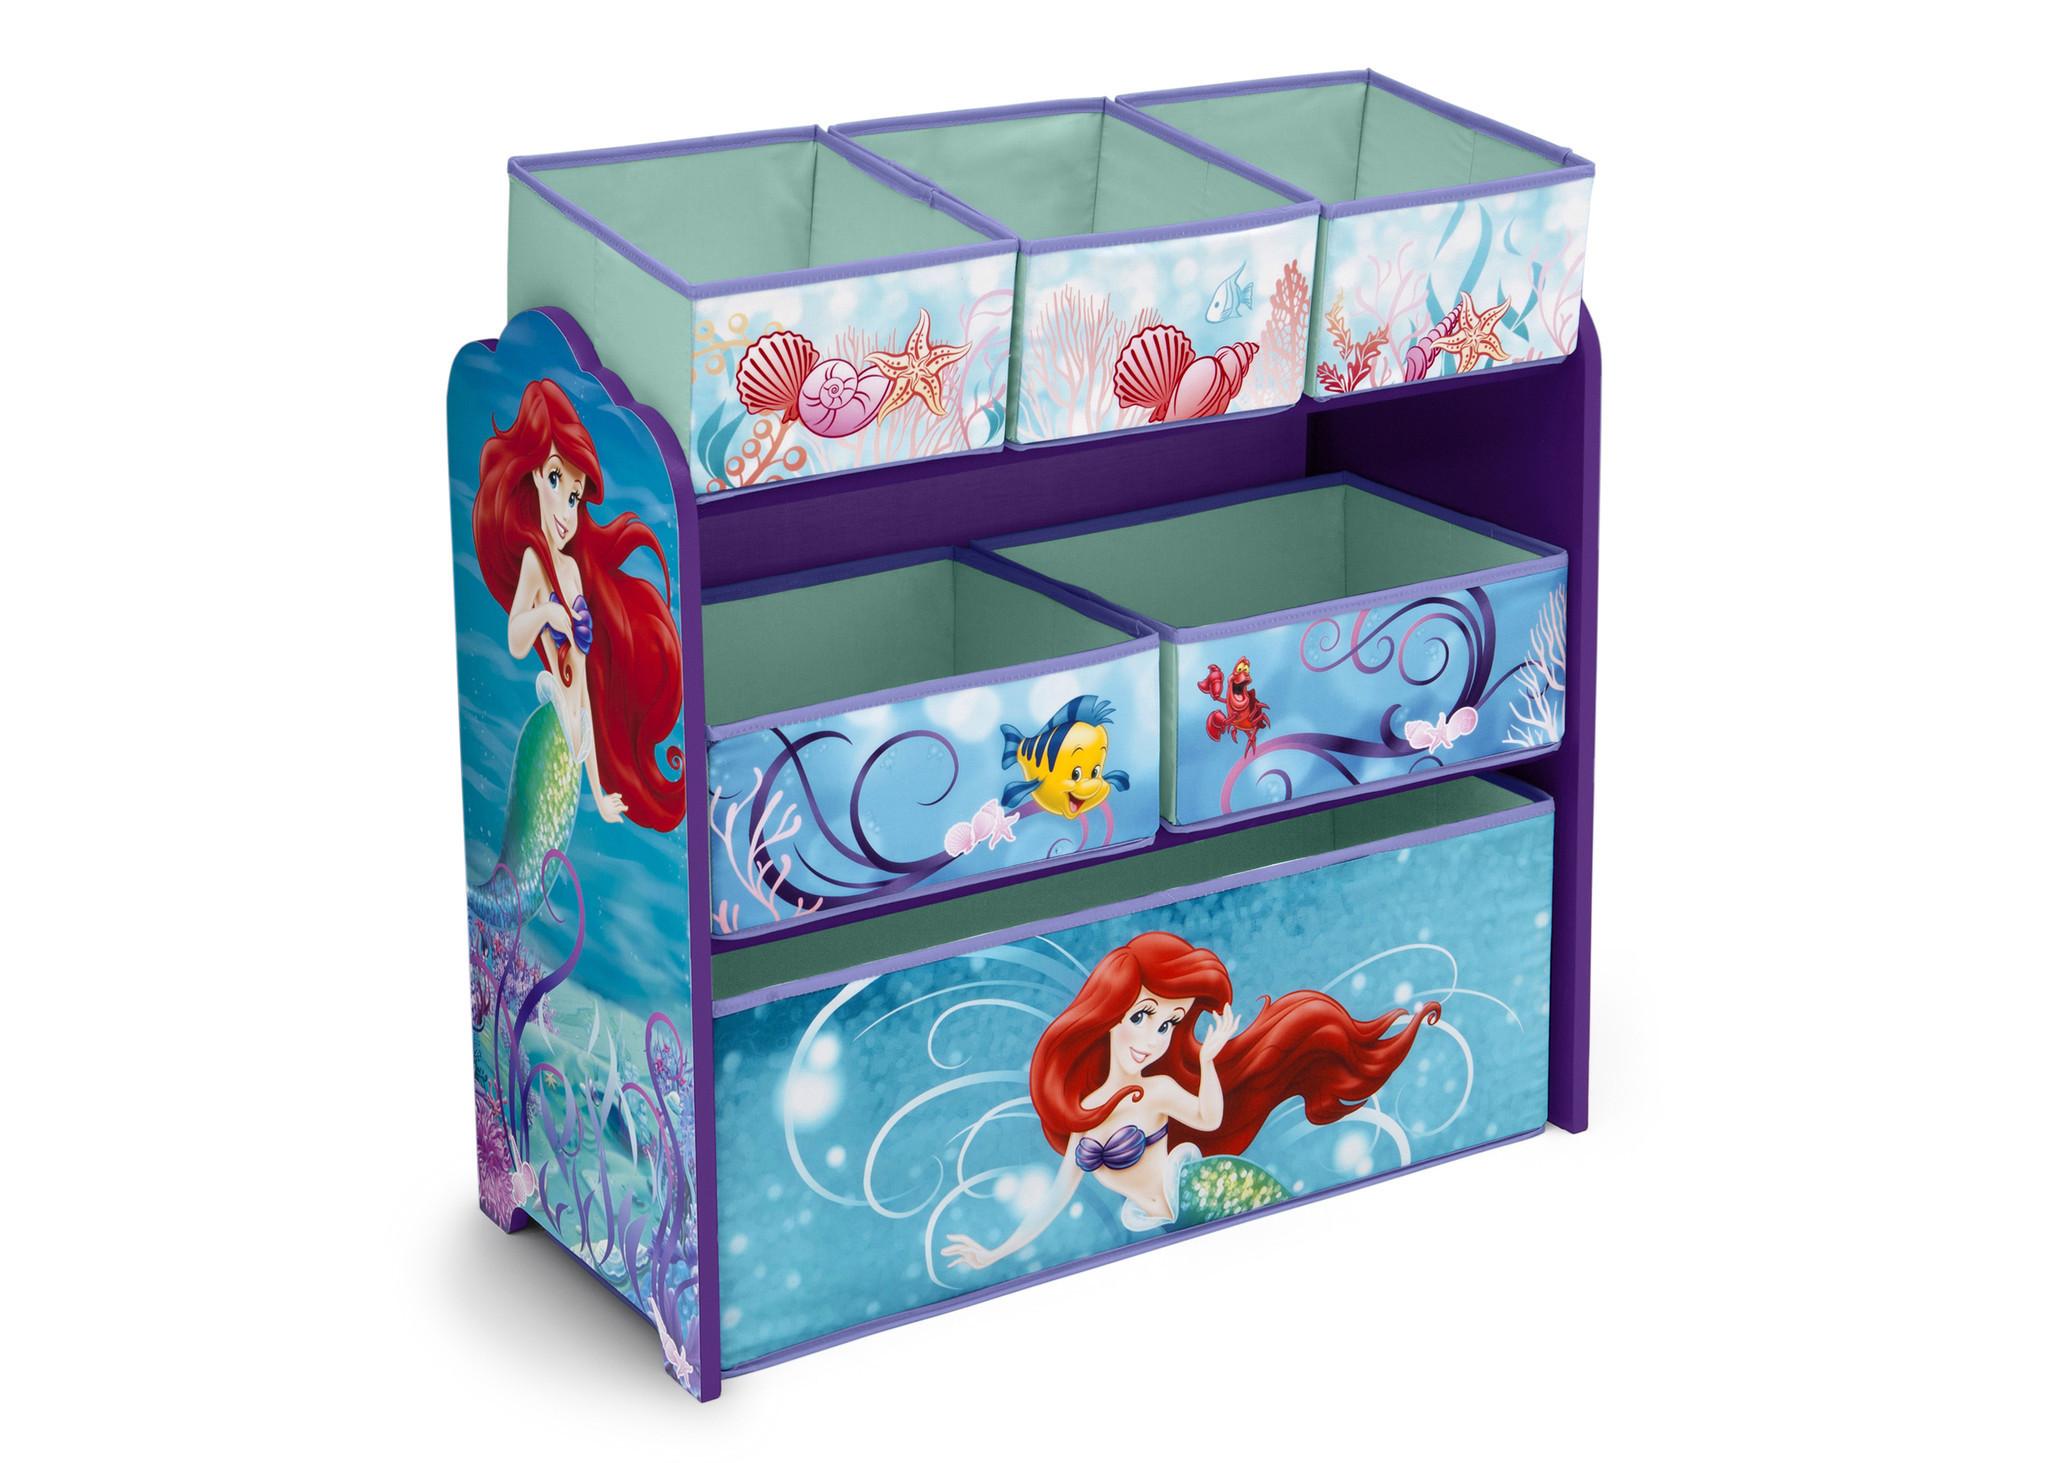 ชั้นเก็บของเล่นสำหรับลูกน้อย Delta Children Multi-Bin Toy Organizer (Disney The Little Mermaid)